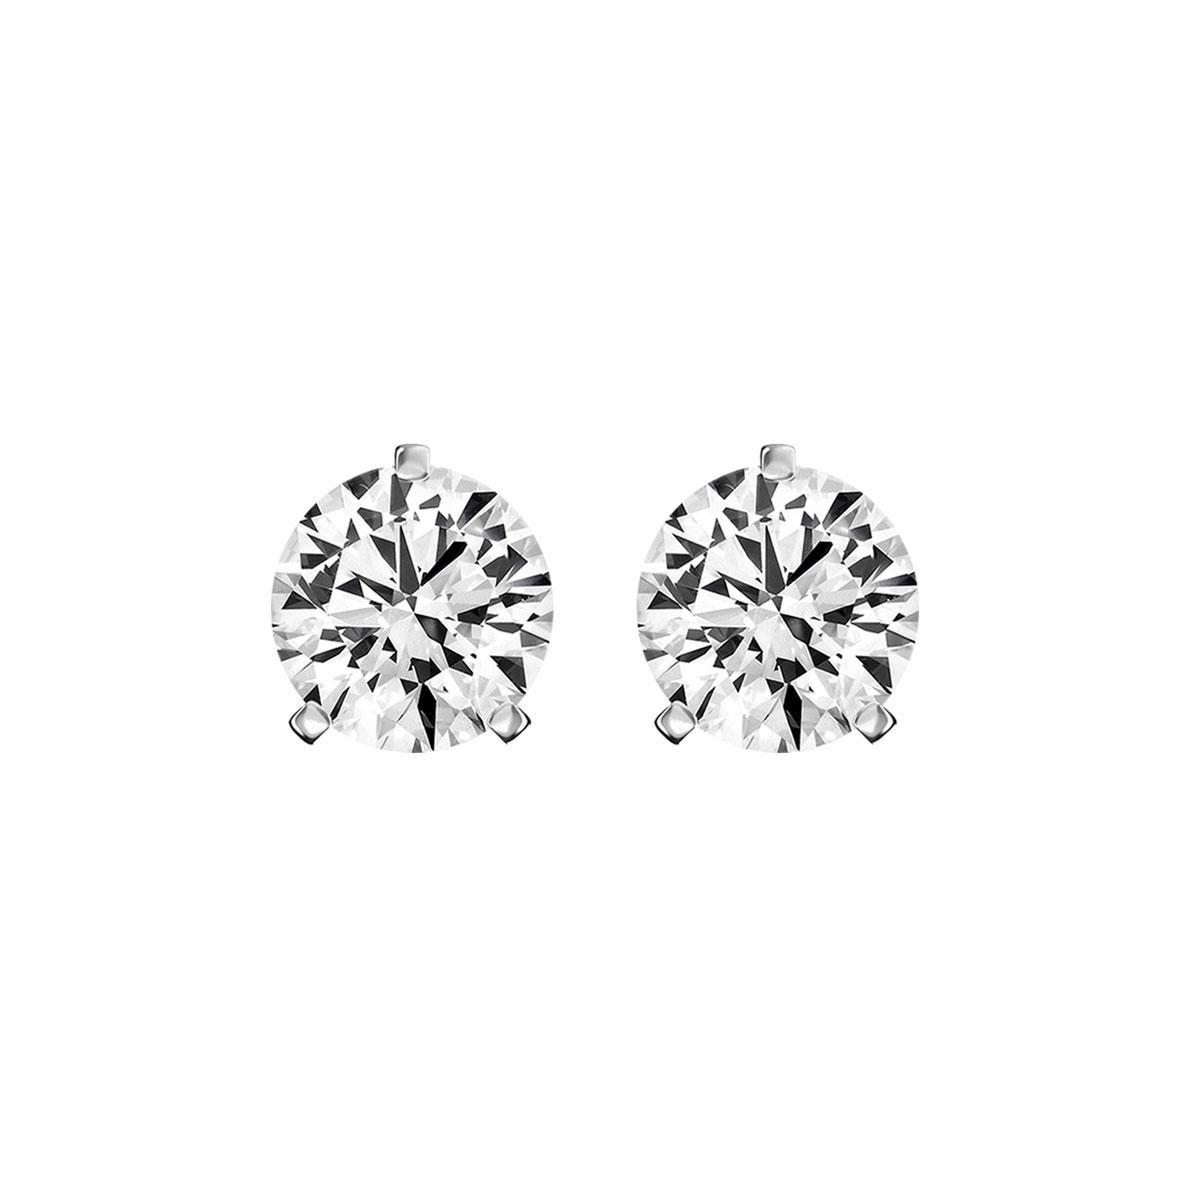 14K White Gold Diamond Stud Earrings ( 1/5 ct. tw)